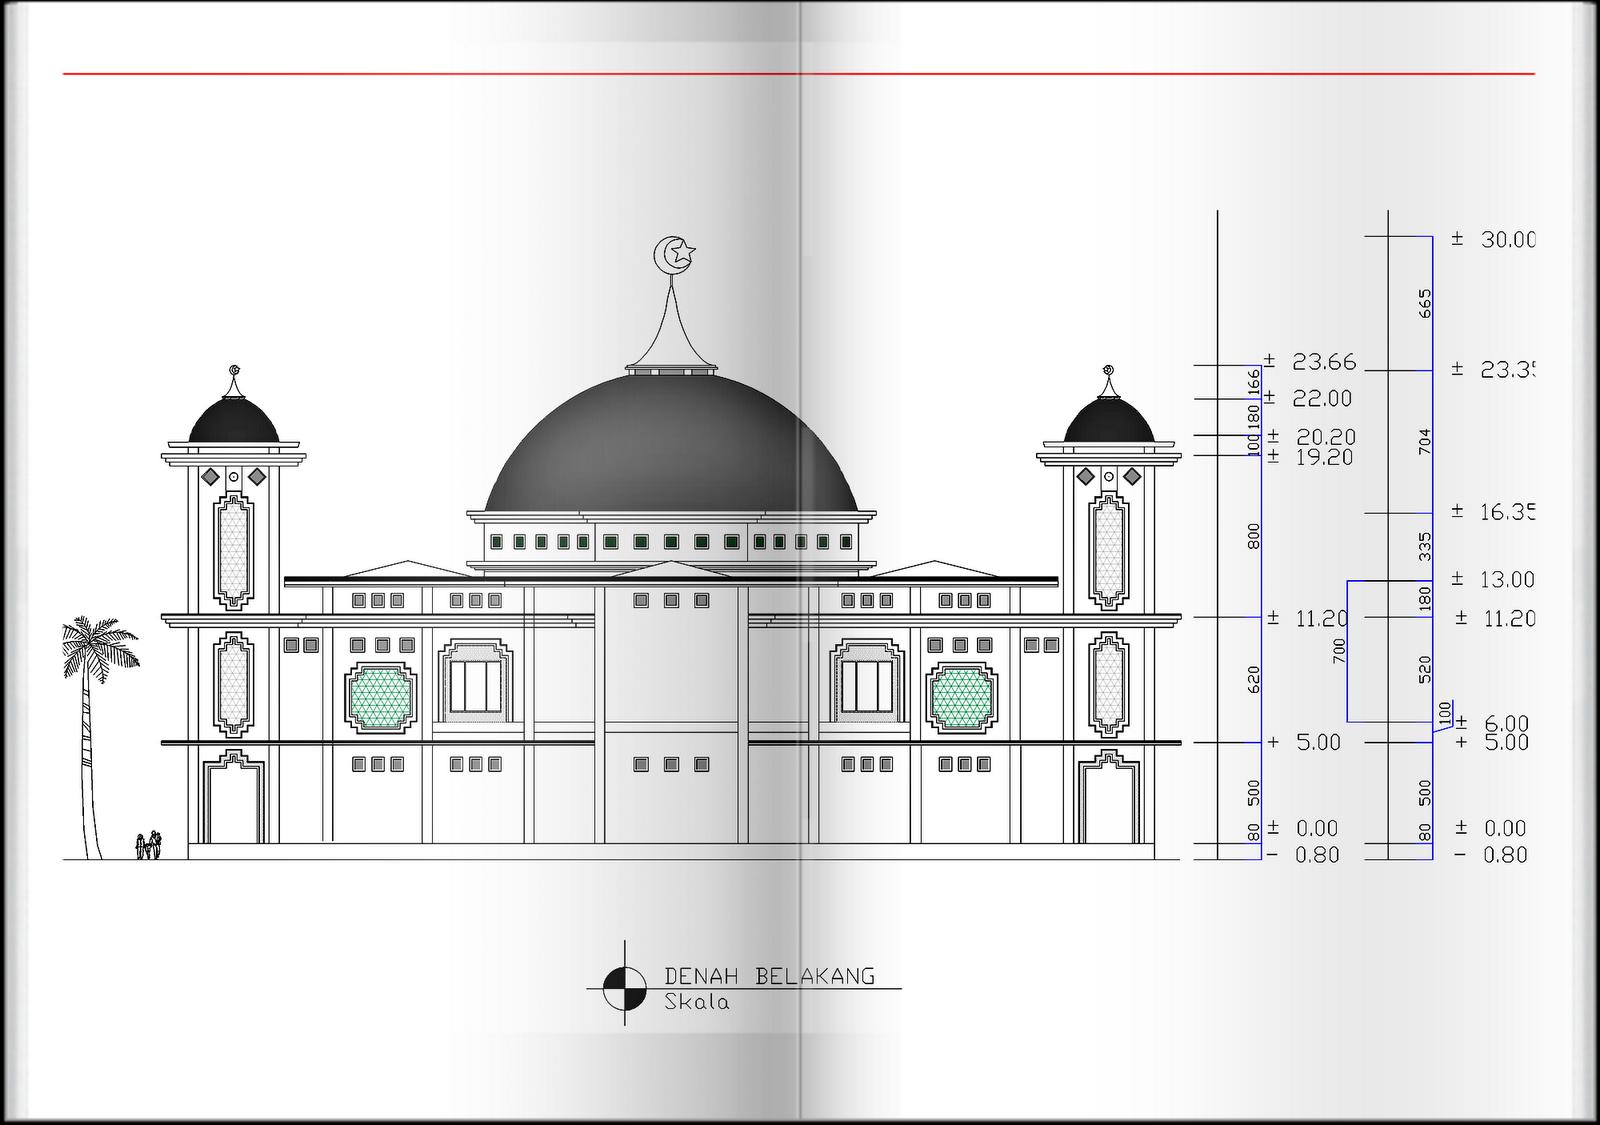 Desain Properti Indonesia Terbaru Update Kumpulan Gambar